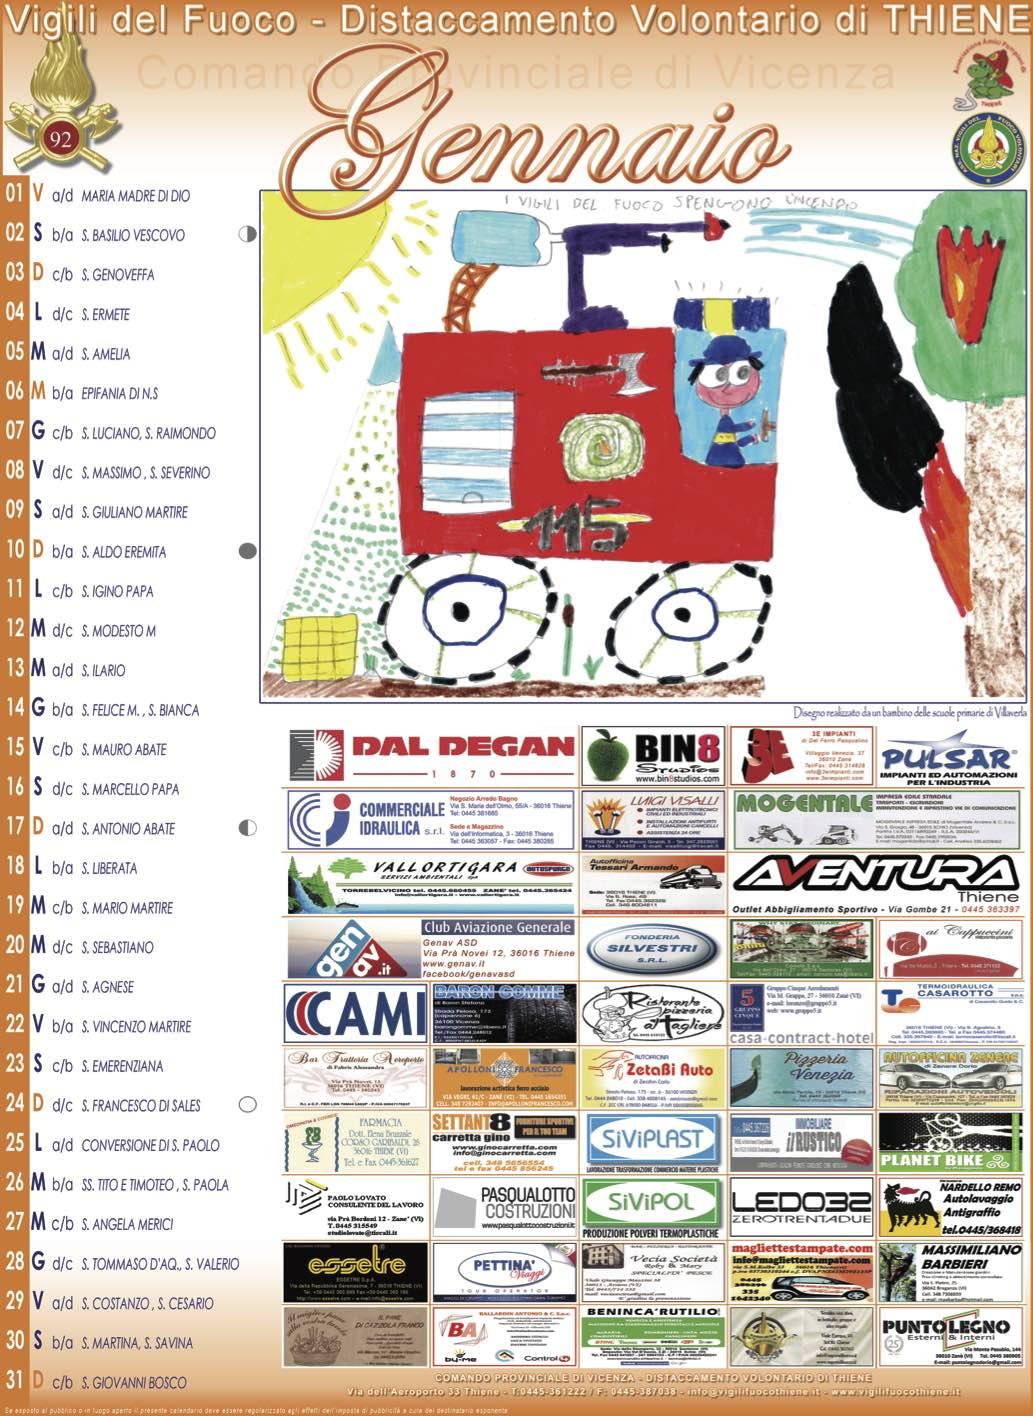 Calendario Giuliano Conversione.Vigili Del Fuoco Distaccamento Volontario Di Thiene